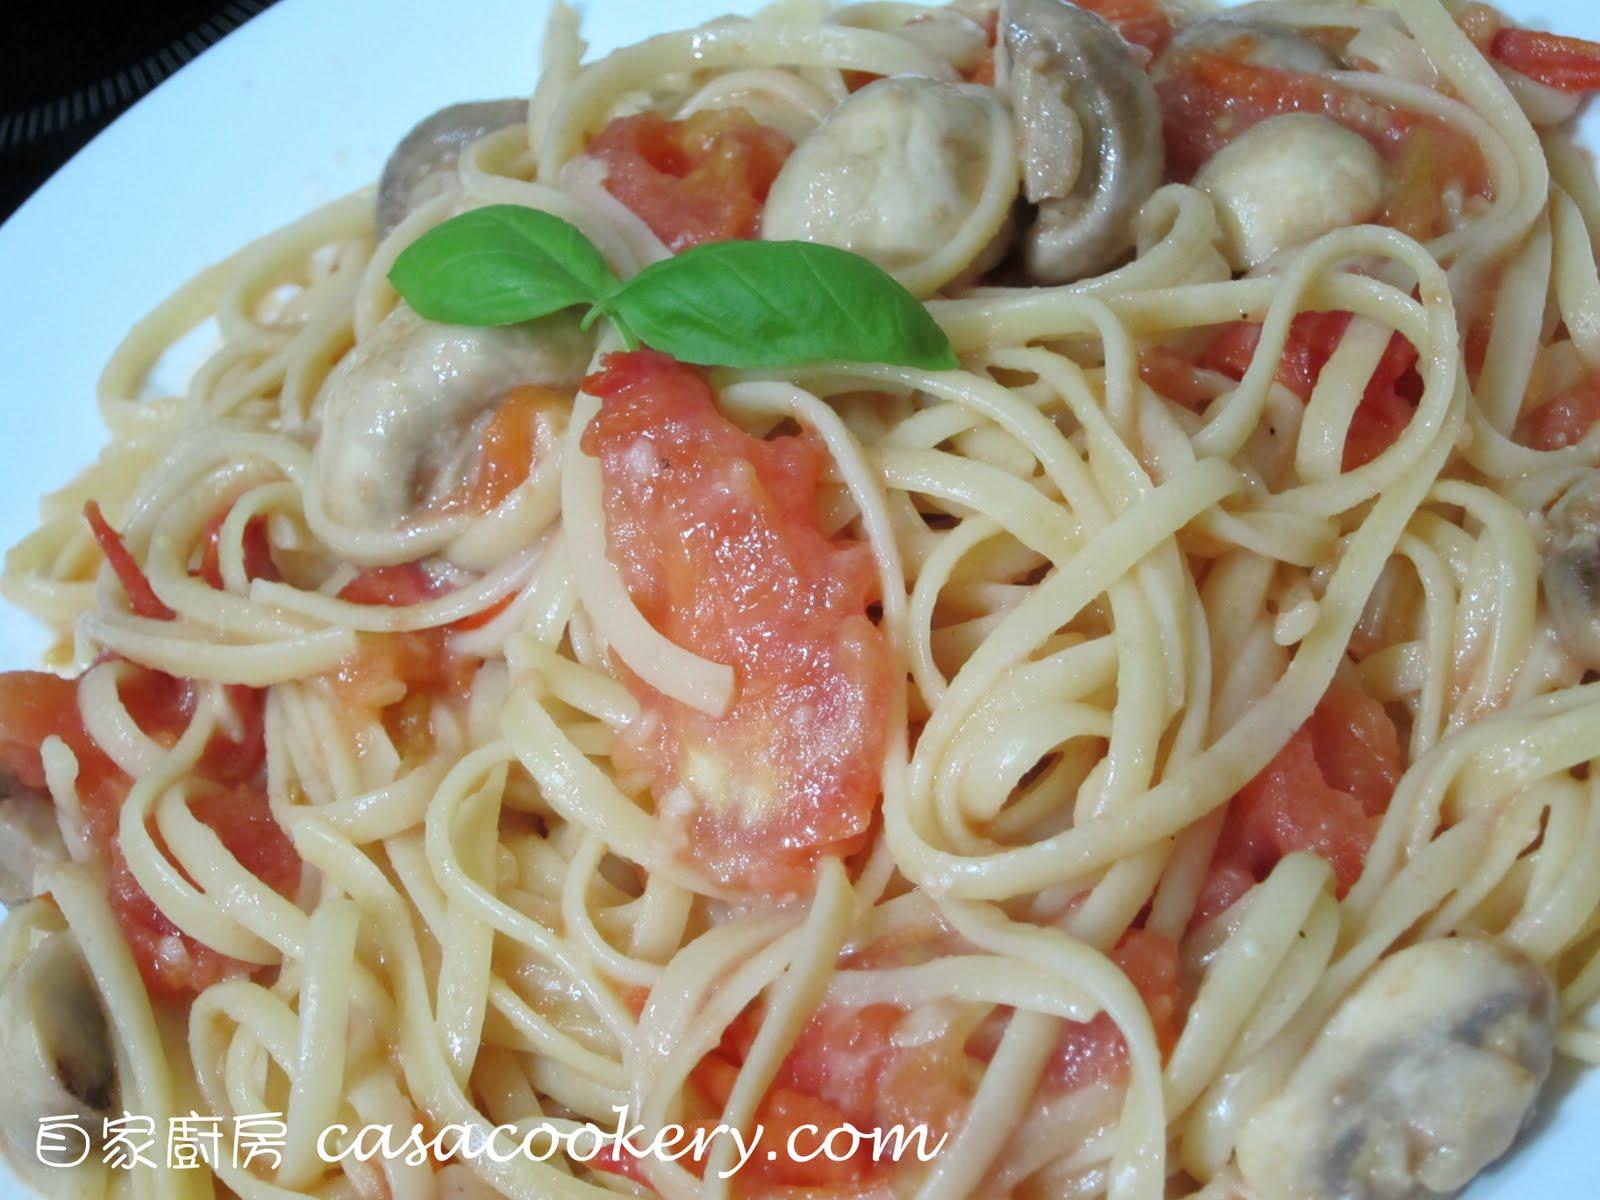 自家廚房 CasaCookery: 蕃茄蘑菇意粉